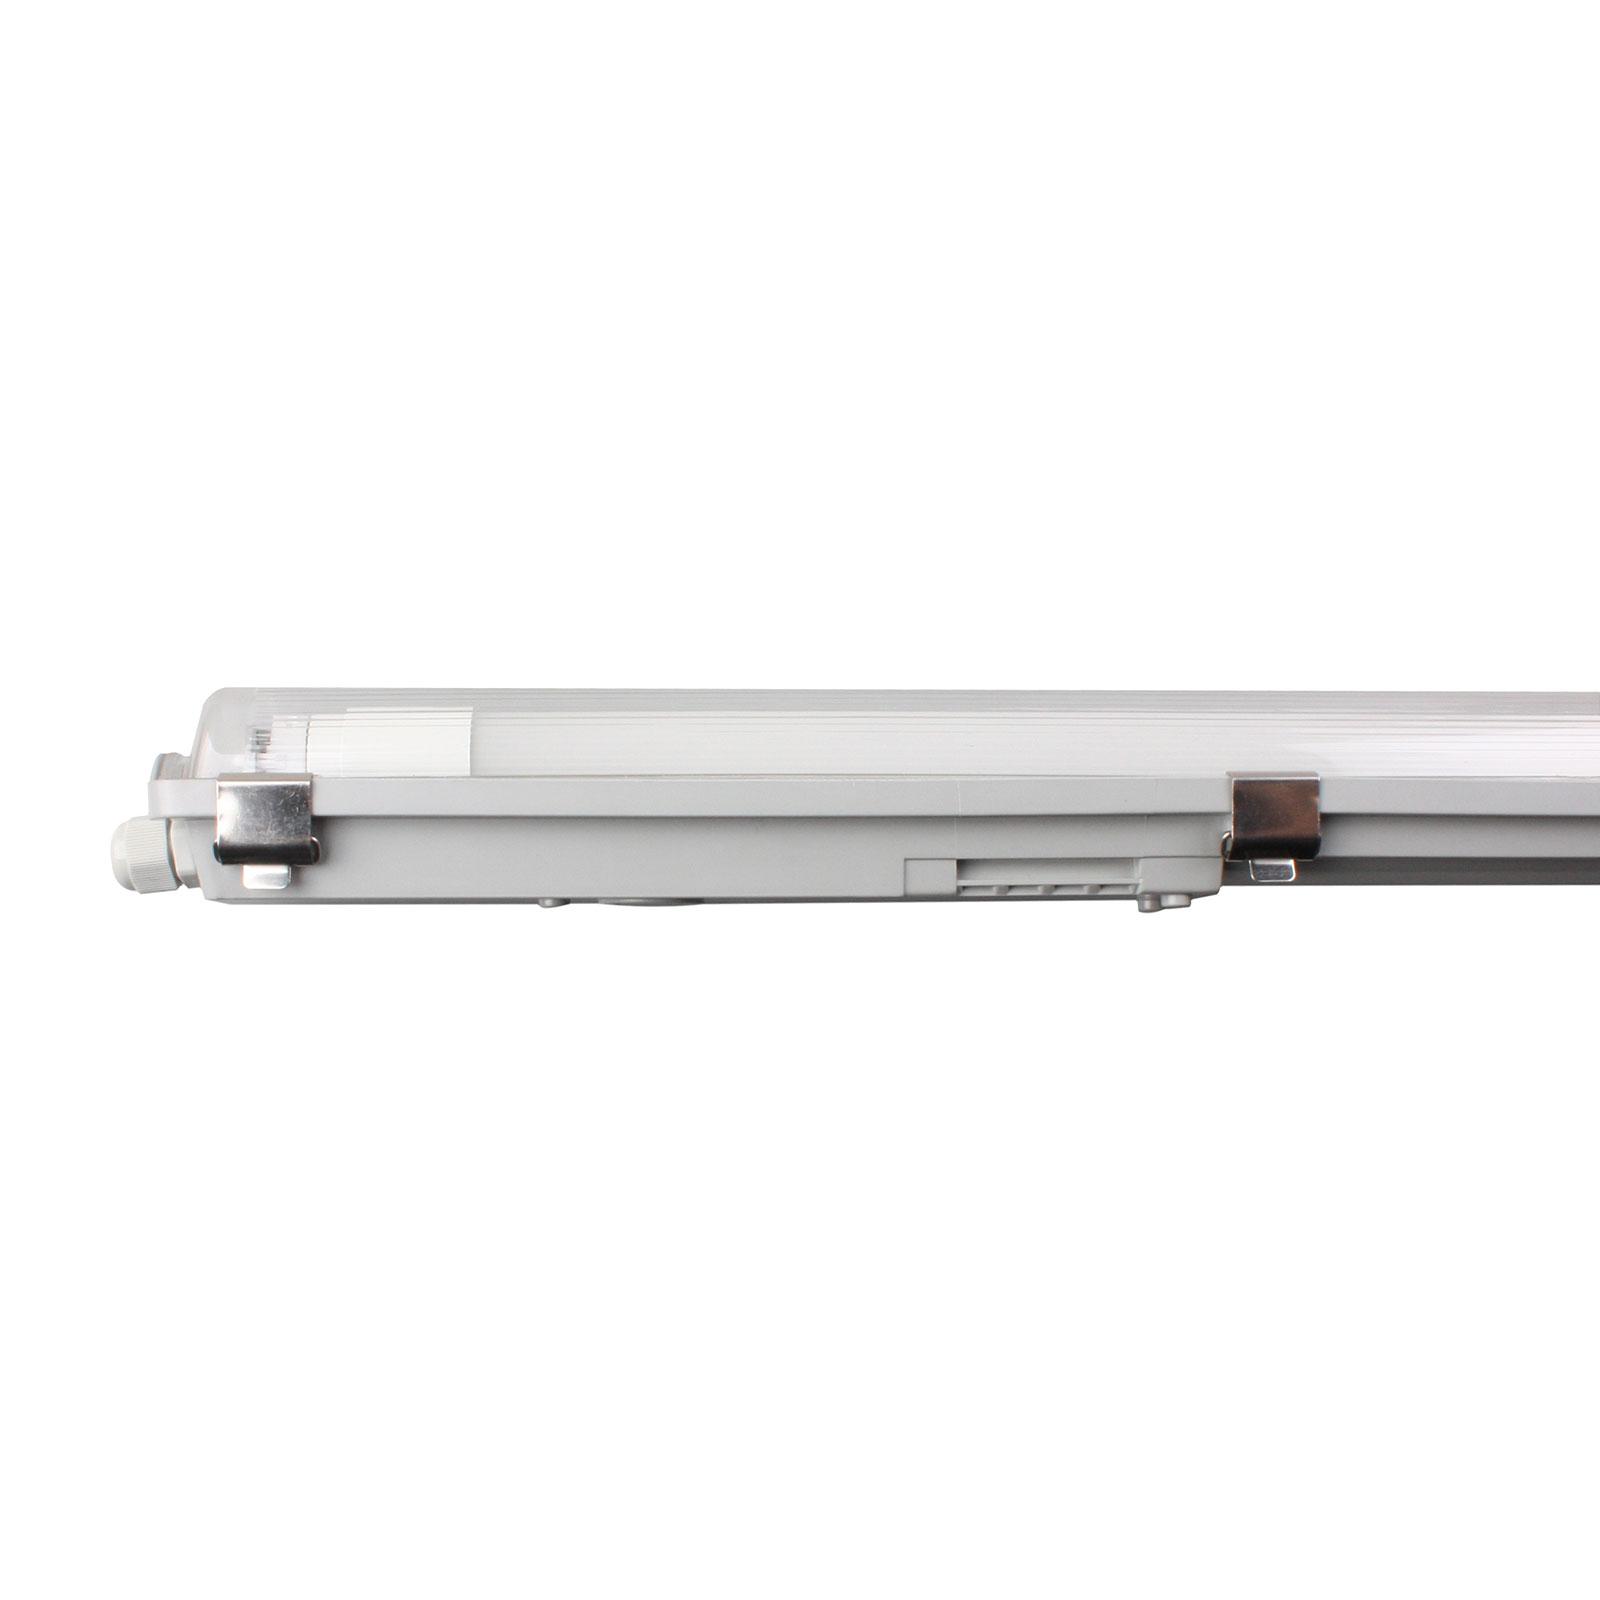 Aqua-Promo lampa sufitowa LED 150 cm 1-punktowa